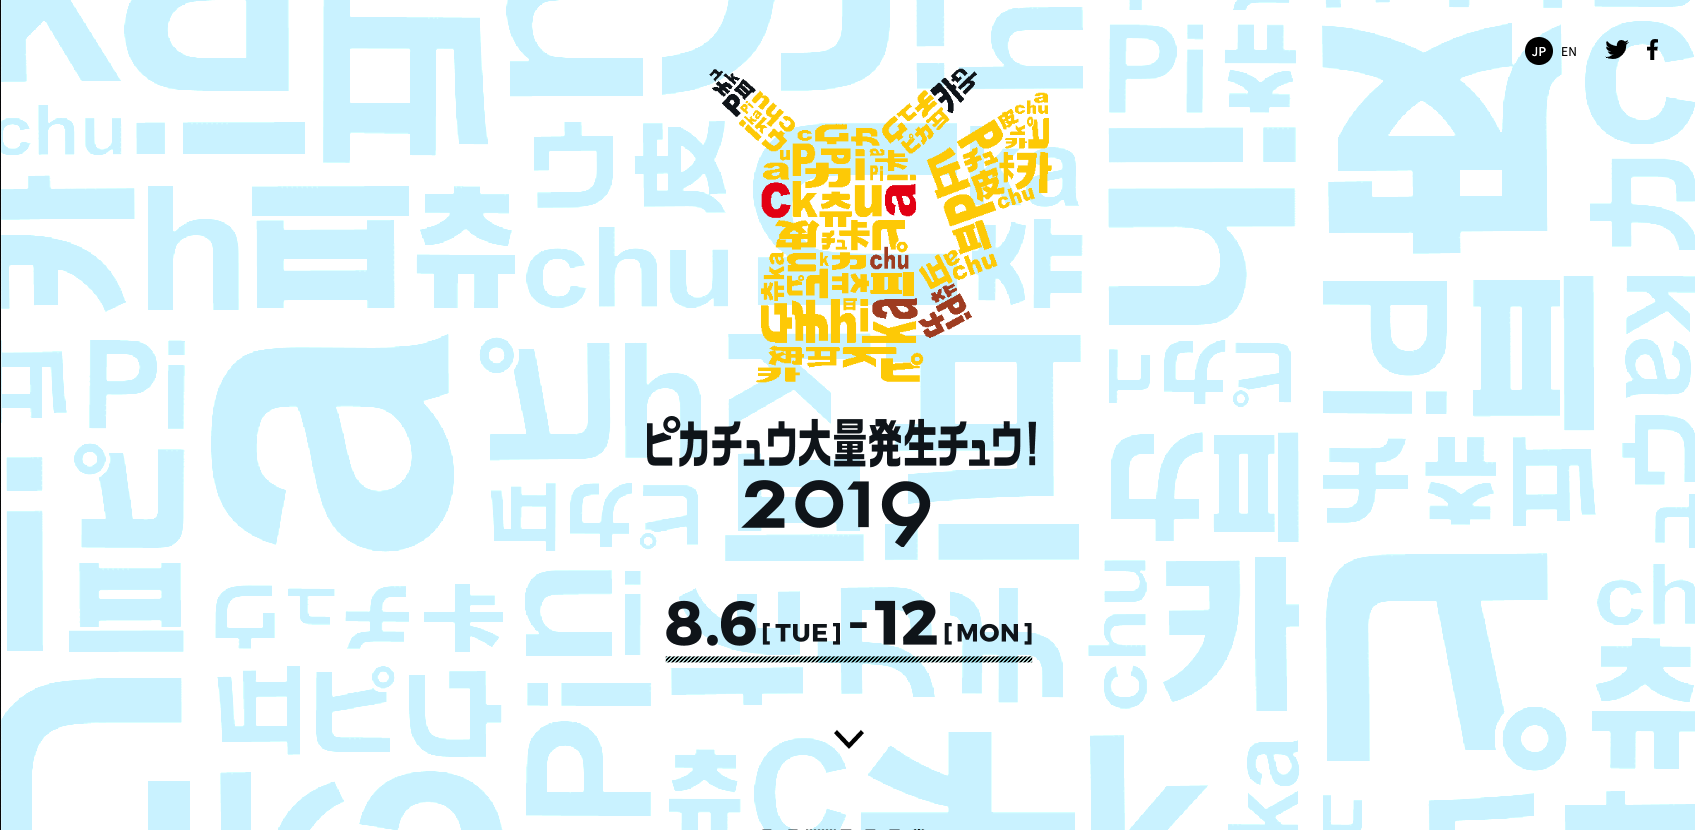 スクリーンショット 2019-08-27 15.13.51.png